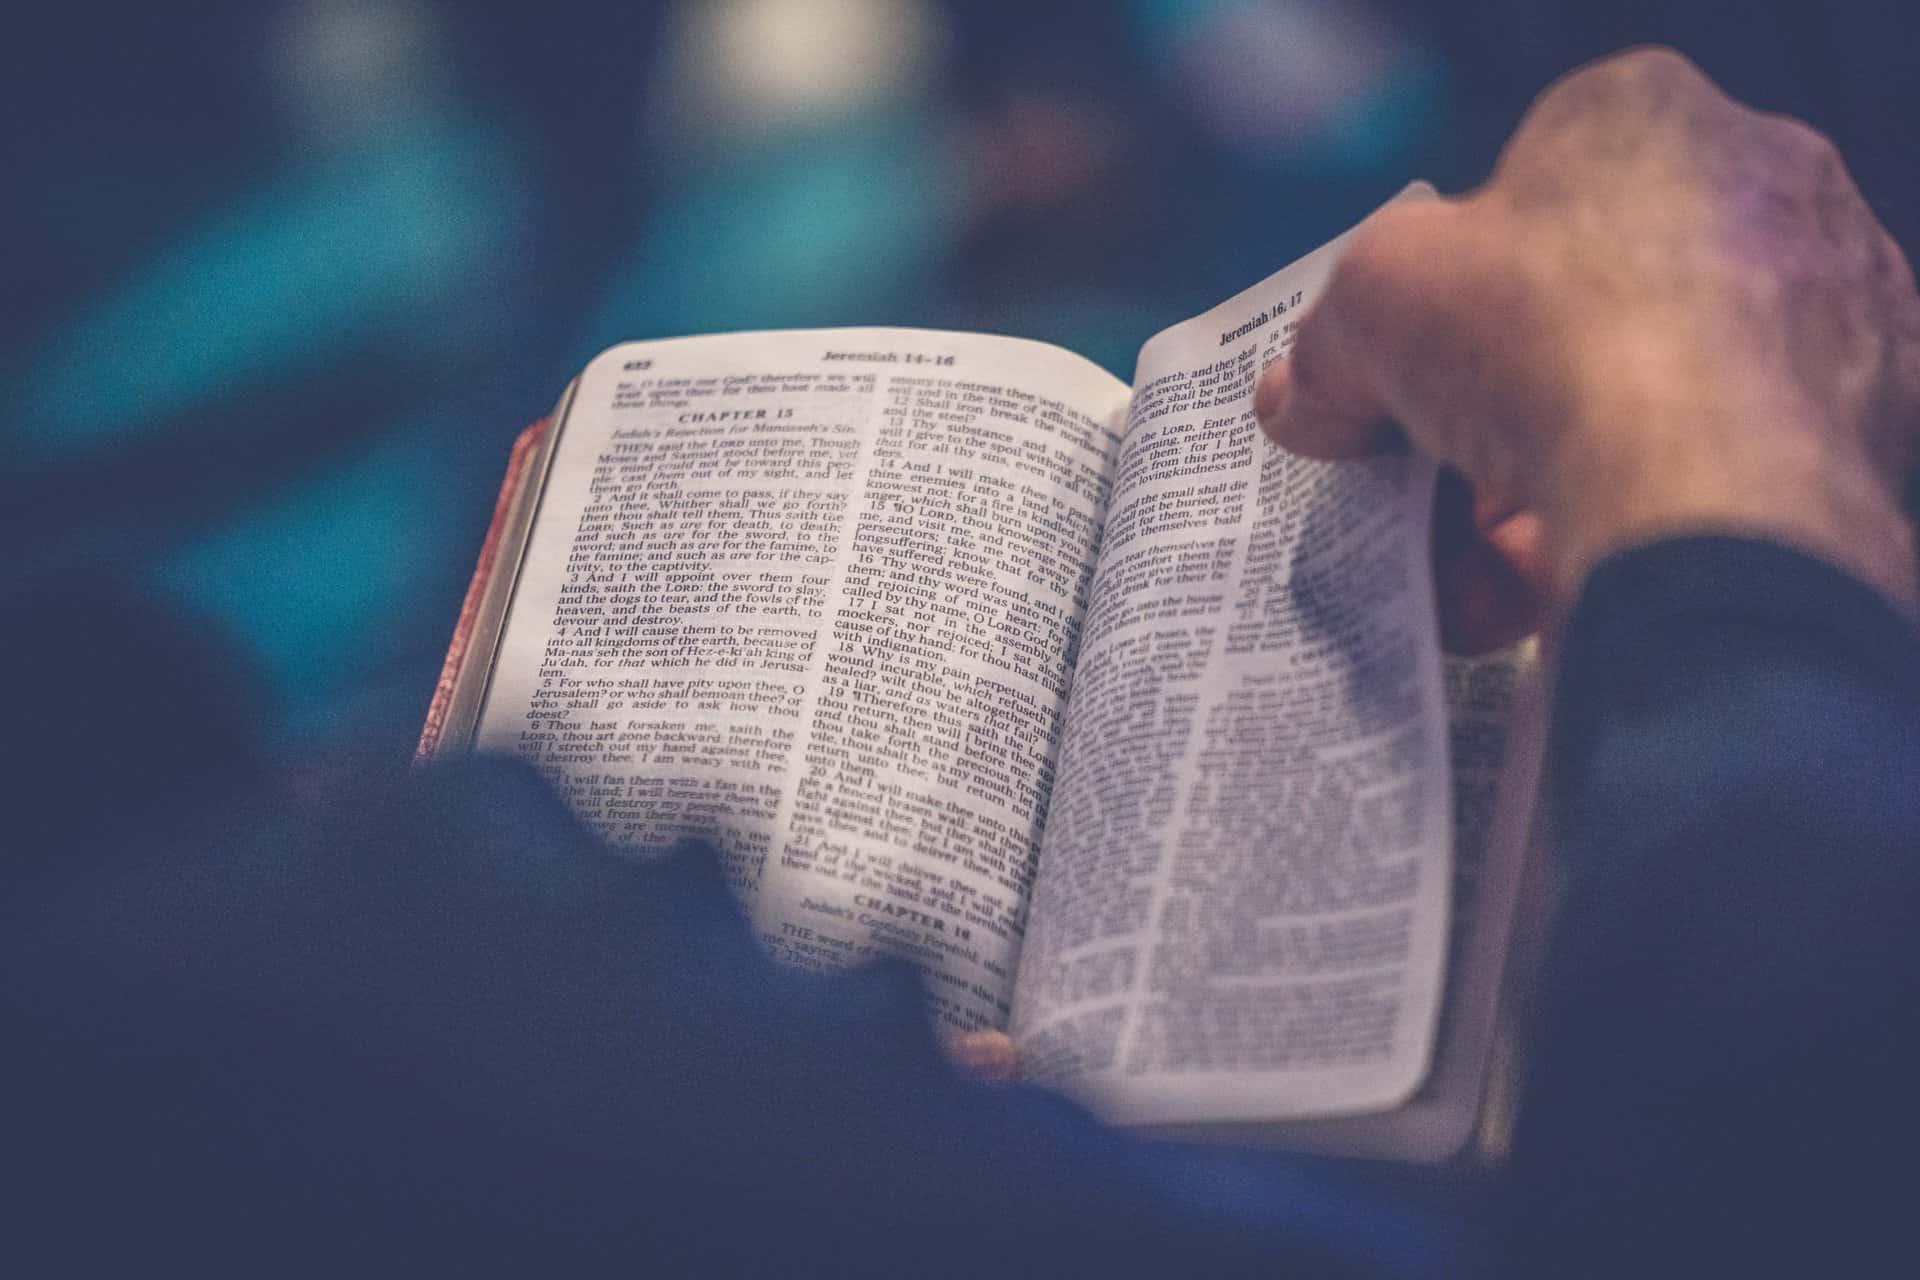 Selän takaa otettu kuva, kun ihminen selailee Raamattua